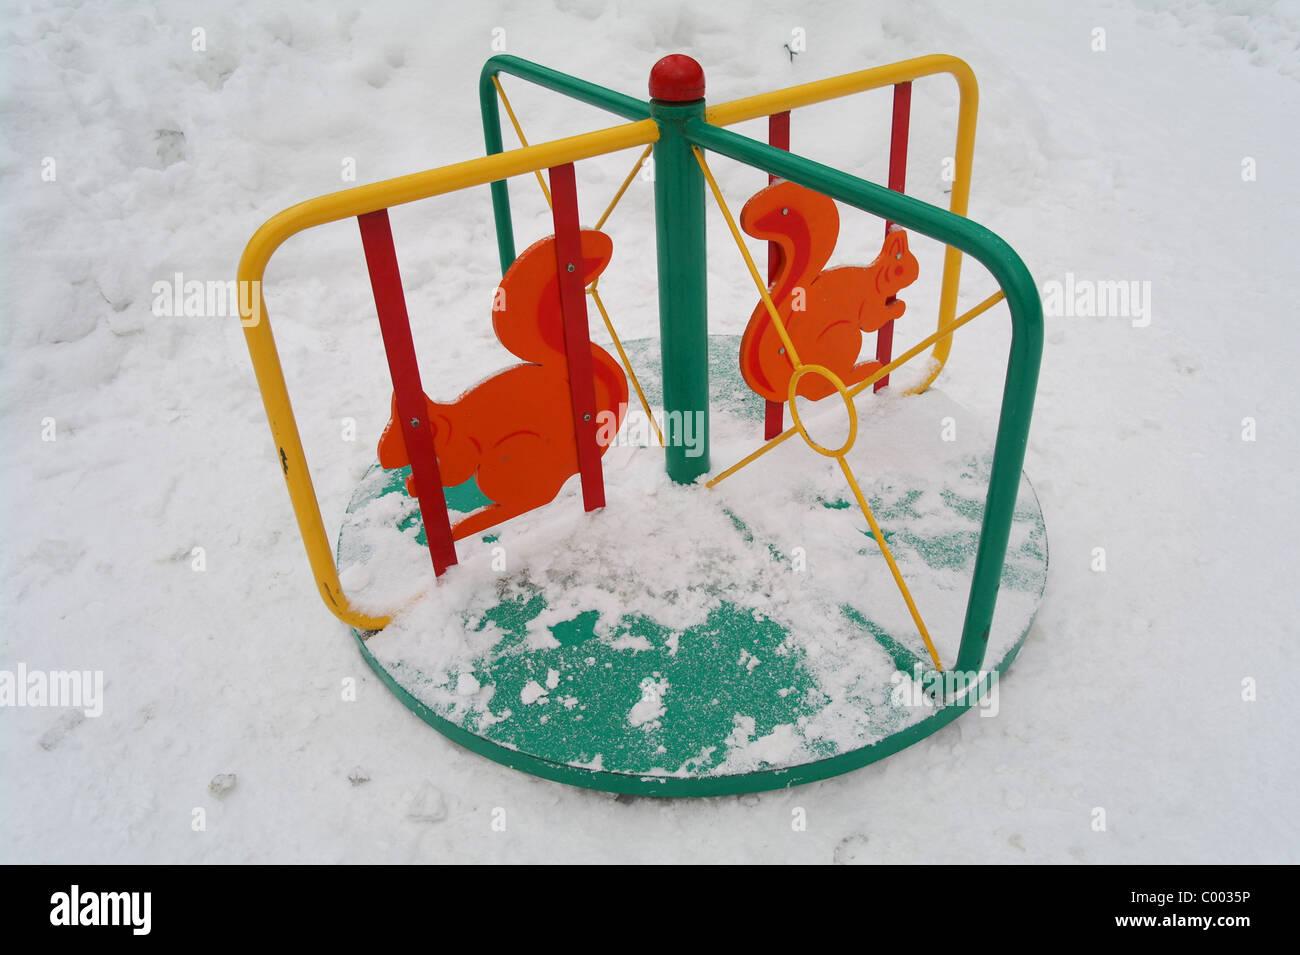 Kinderkarussell In Nicht Langweilig Garten Im Winter Moskau